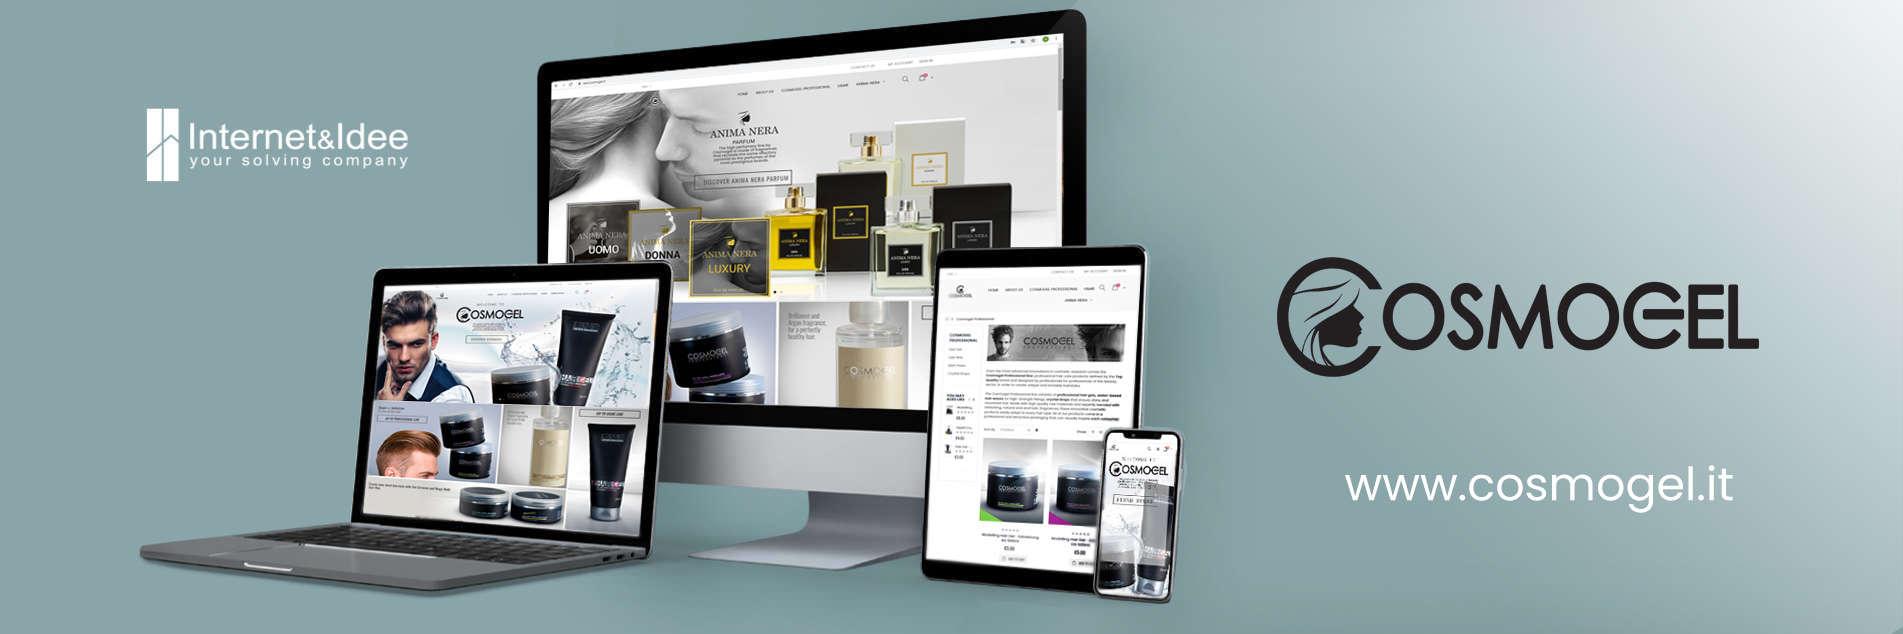 Rilasciato il nuovo e-commerce per la Cosmogel S.r.l.